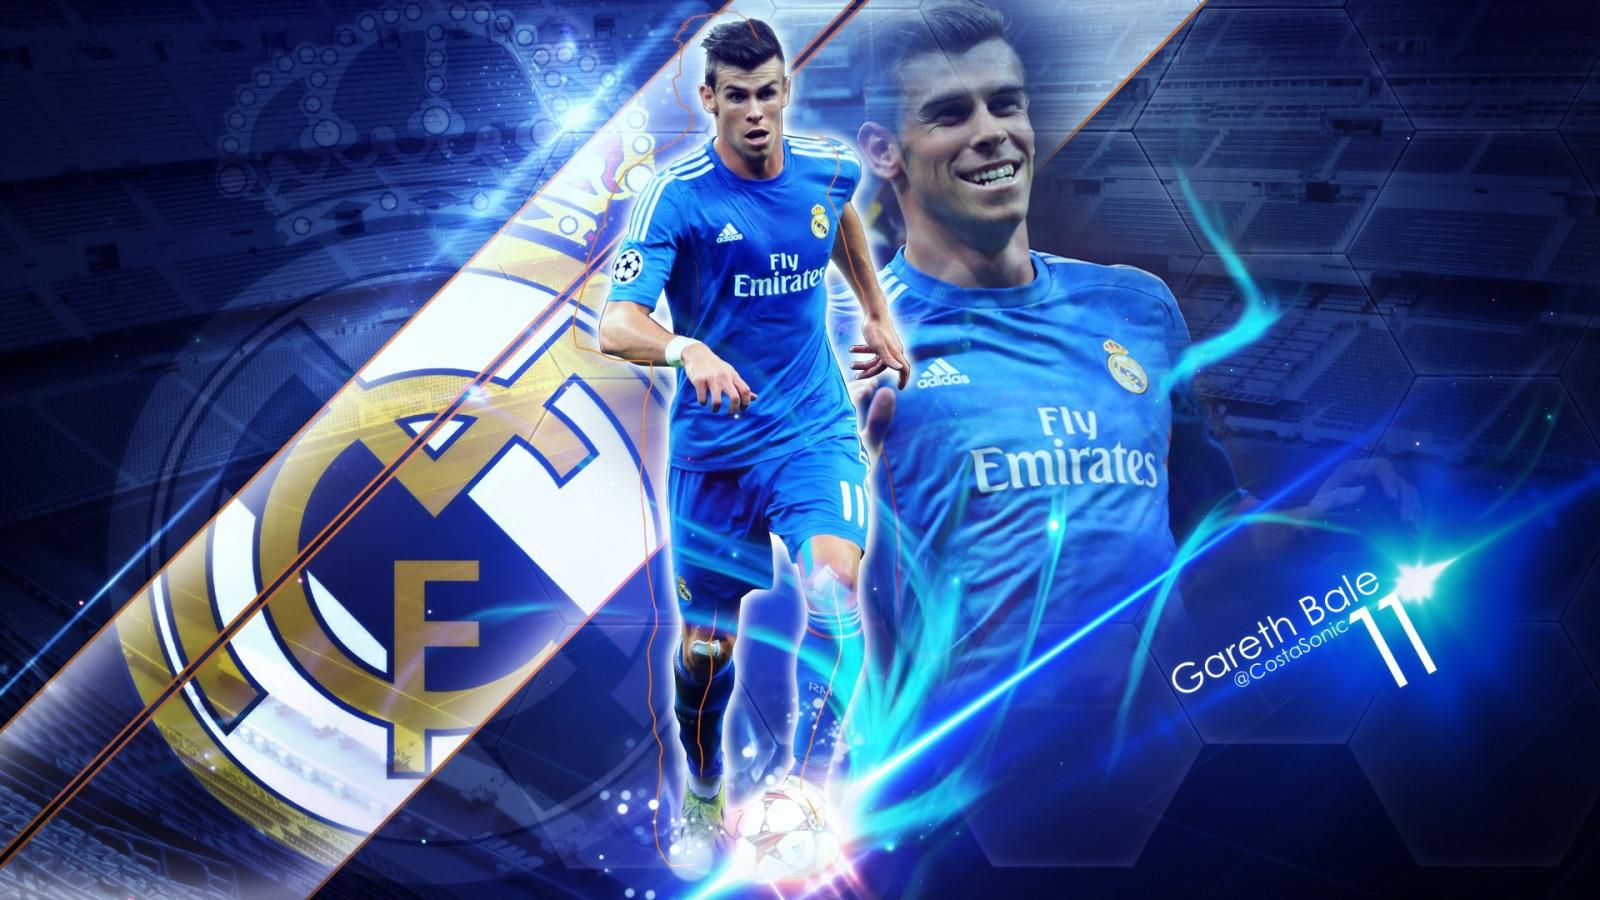 Wallpaper Real Madrid Gareth Bale Pemain Sepak Bola